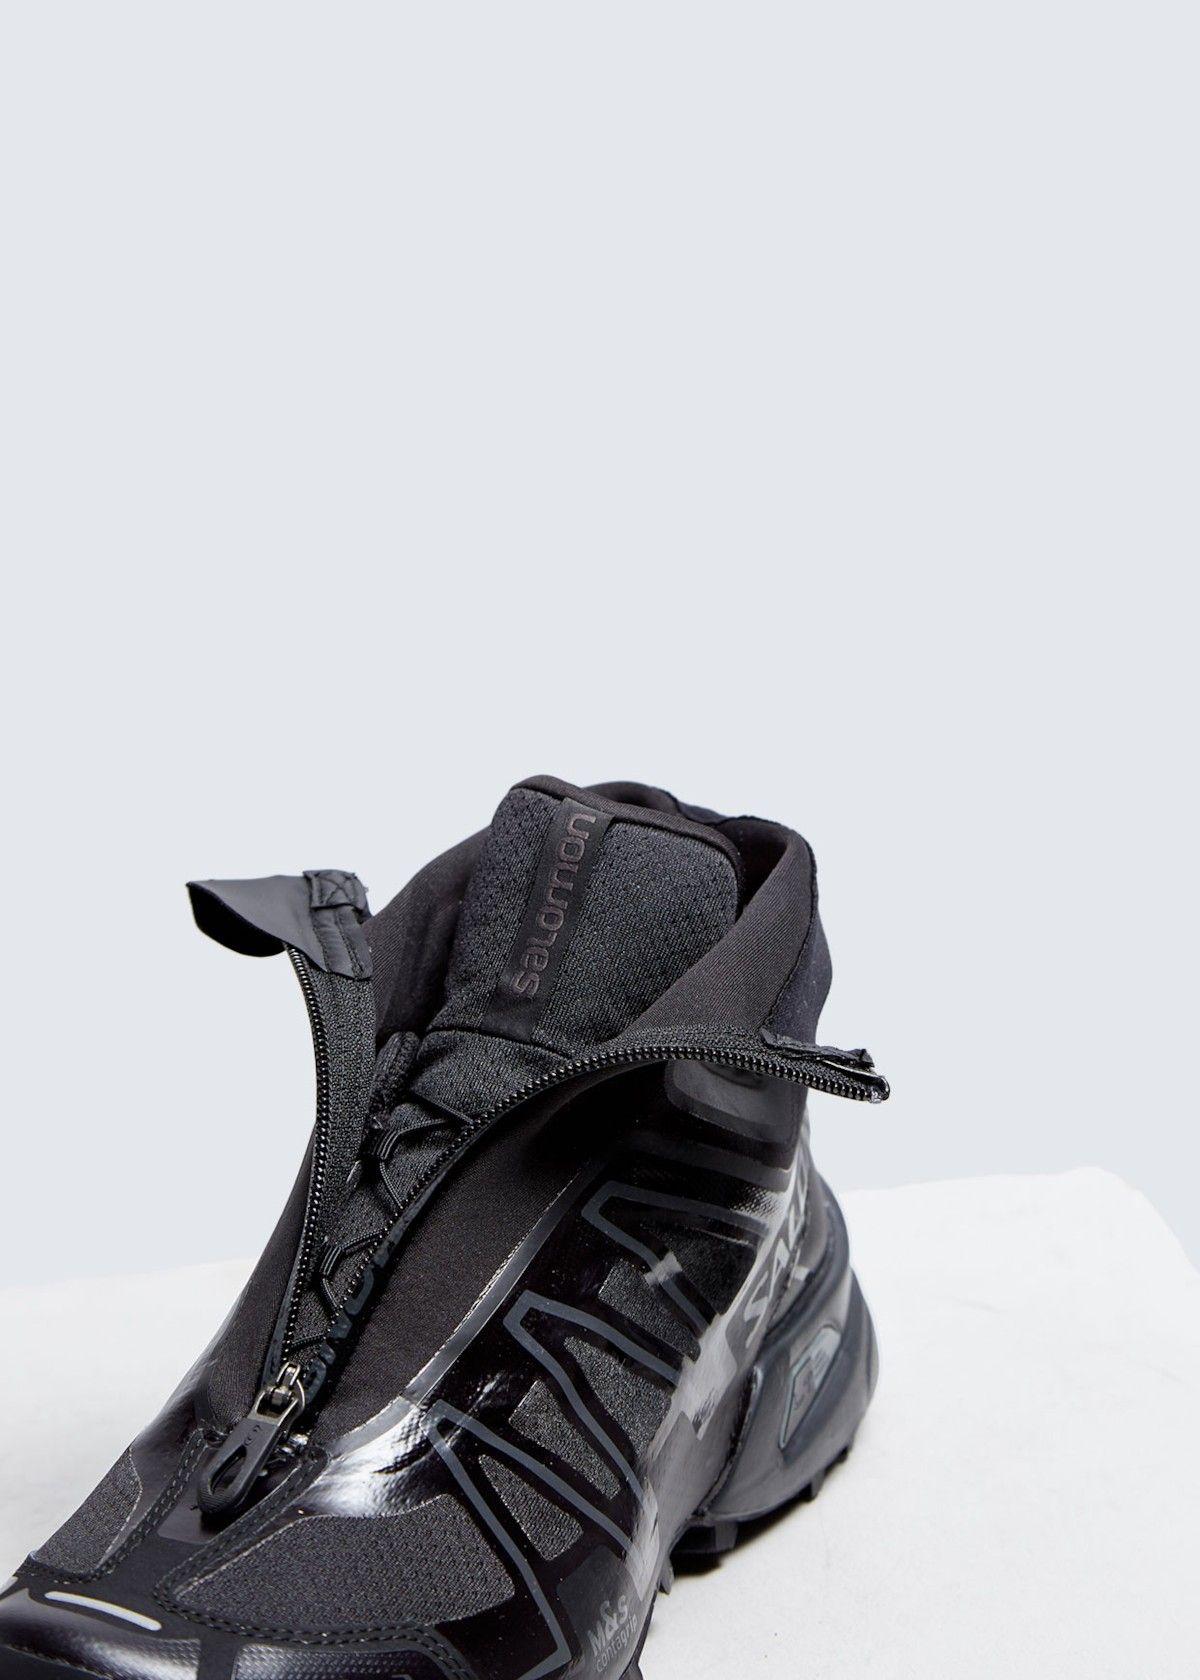 Snowcross Adv Ltd | fashion in 2019 | Shoe boots, Sneakers